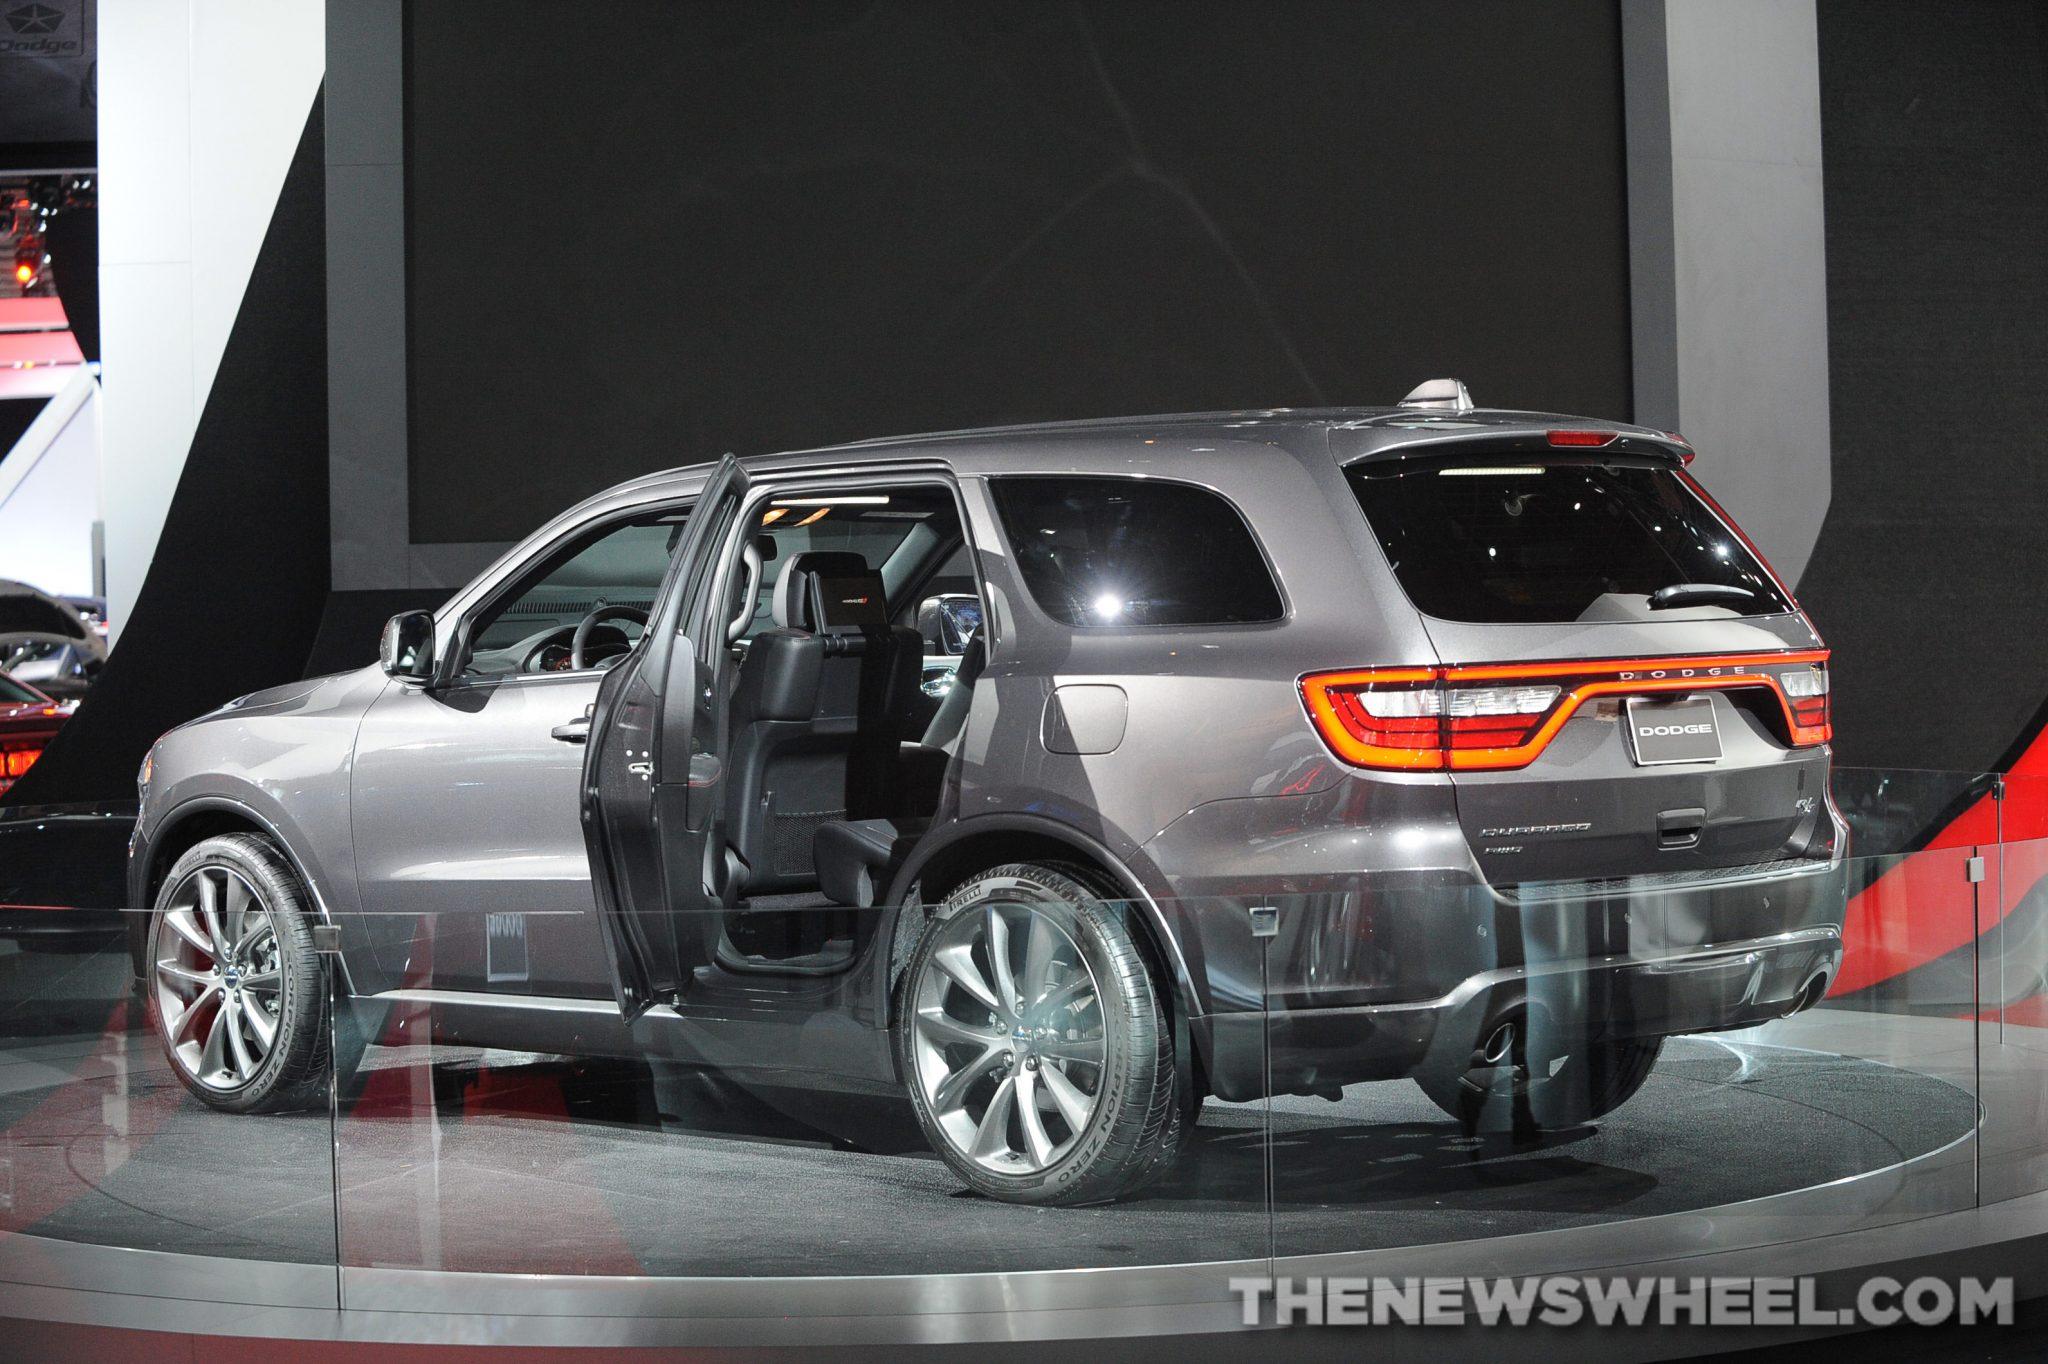 Chrysler NAIAS Display: Dodge NAIAS Durango